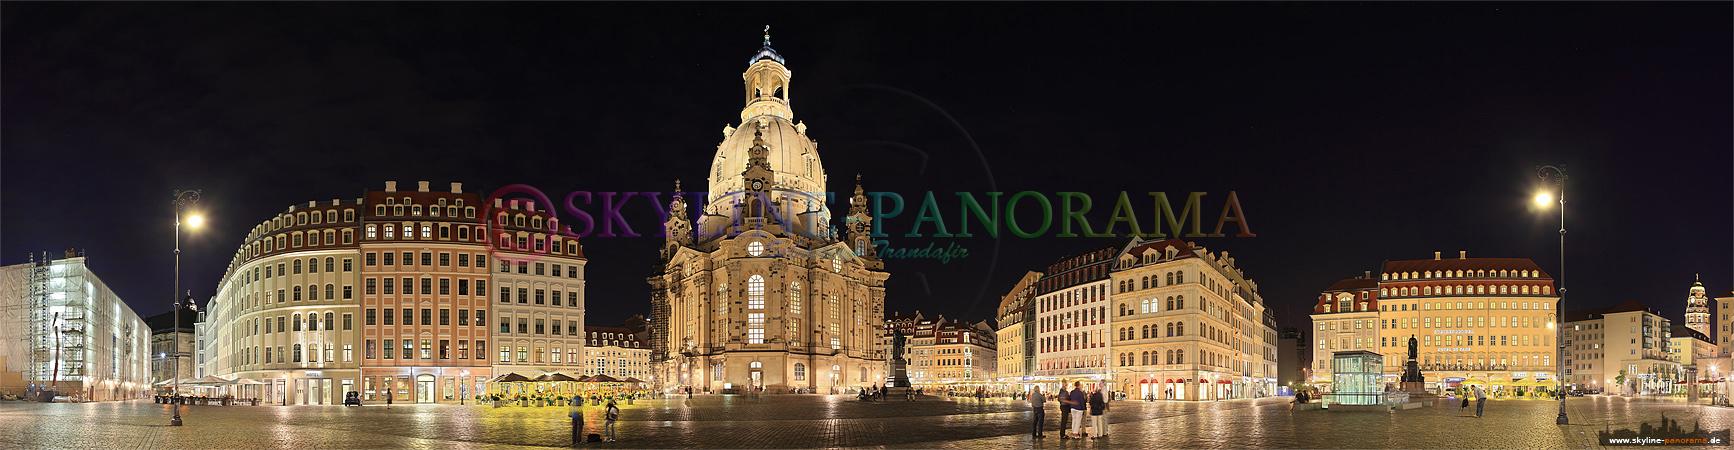 Panorama Dresden - Der Dresdner Neumarkt mit der Frauenkirche in der Nacht.